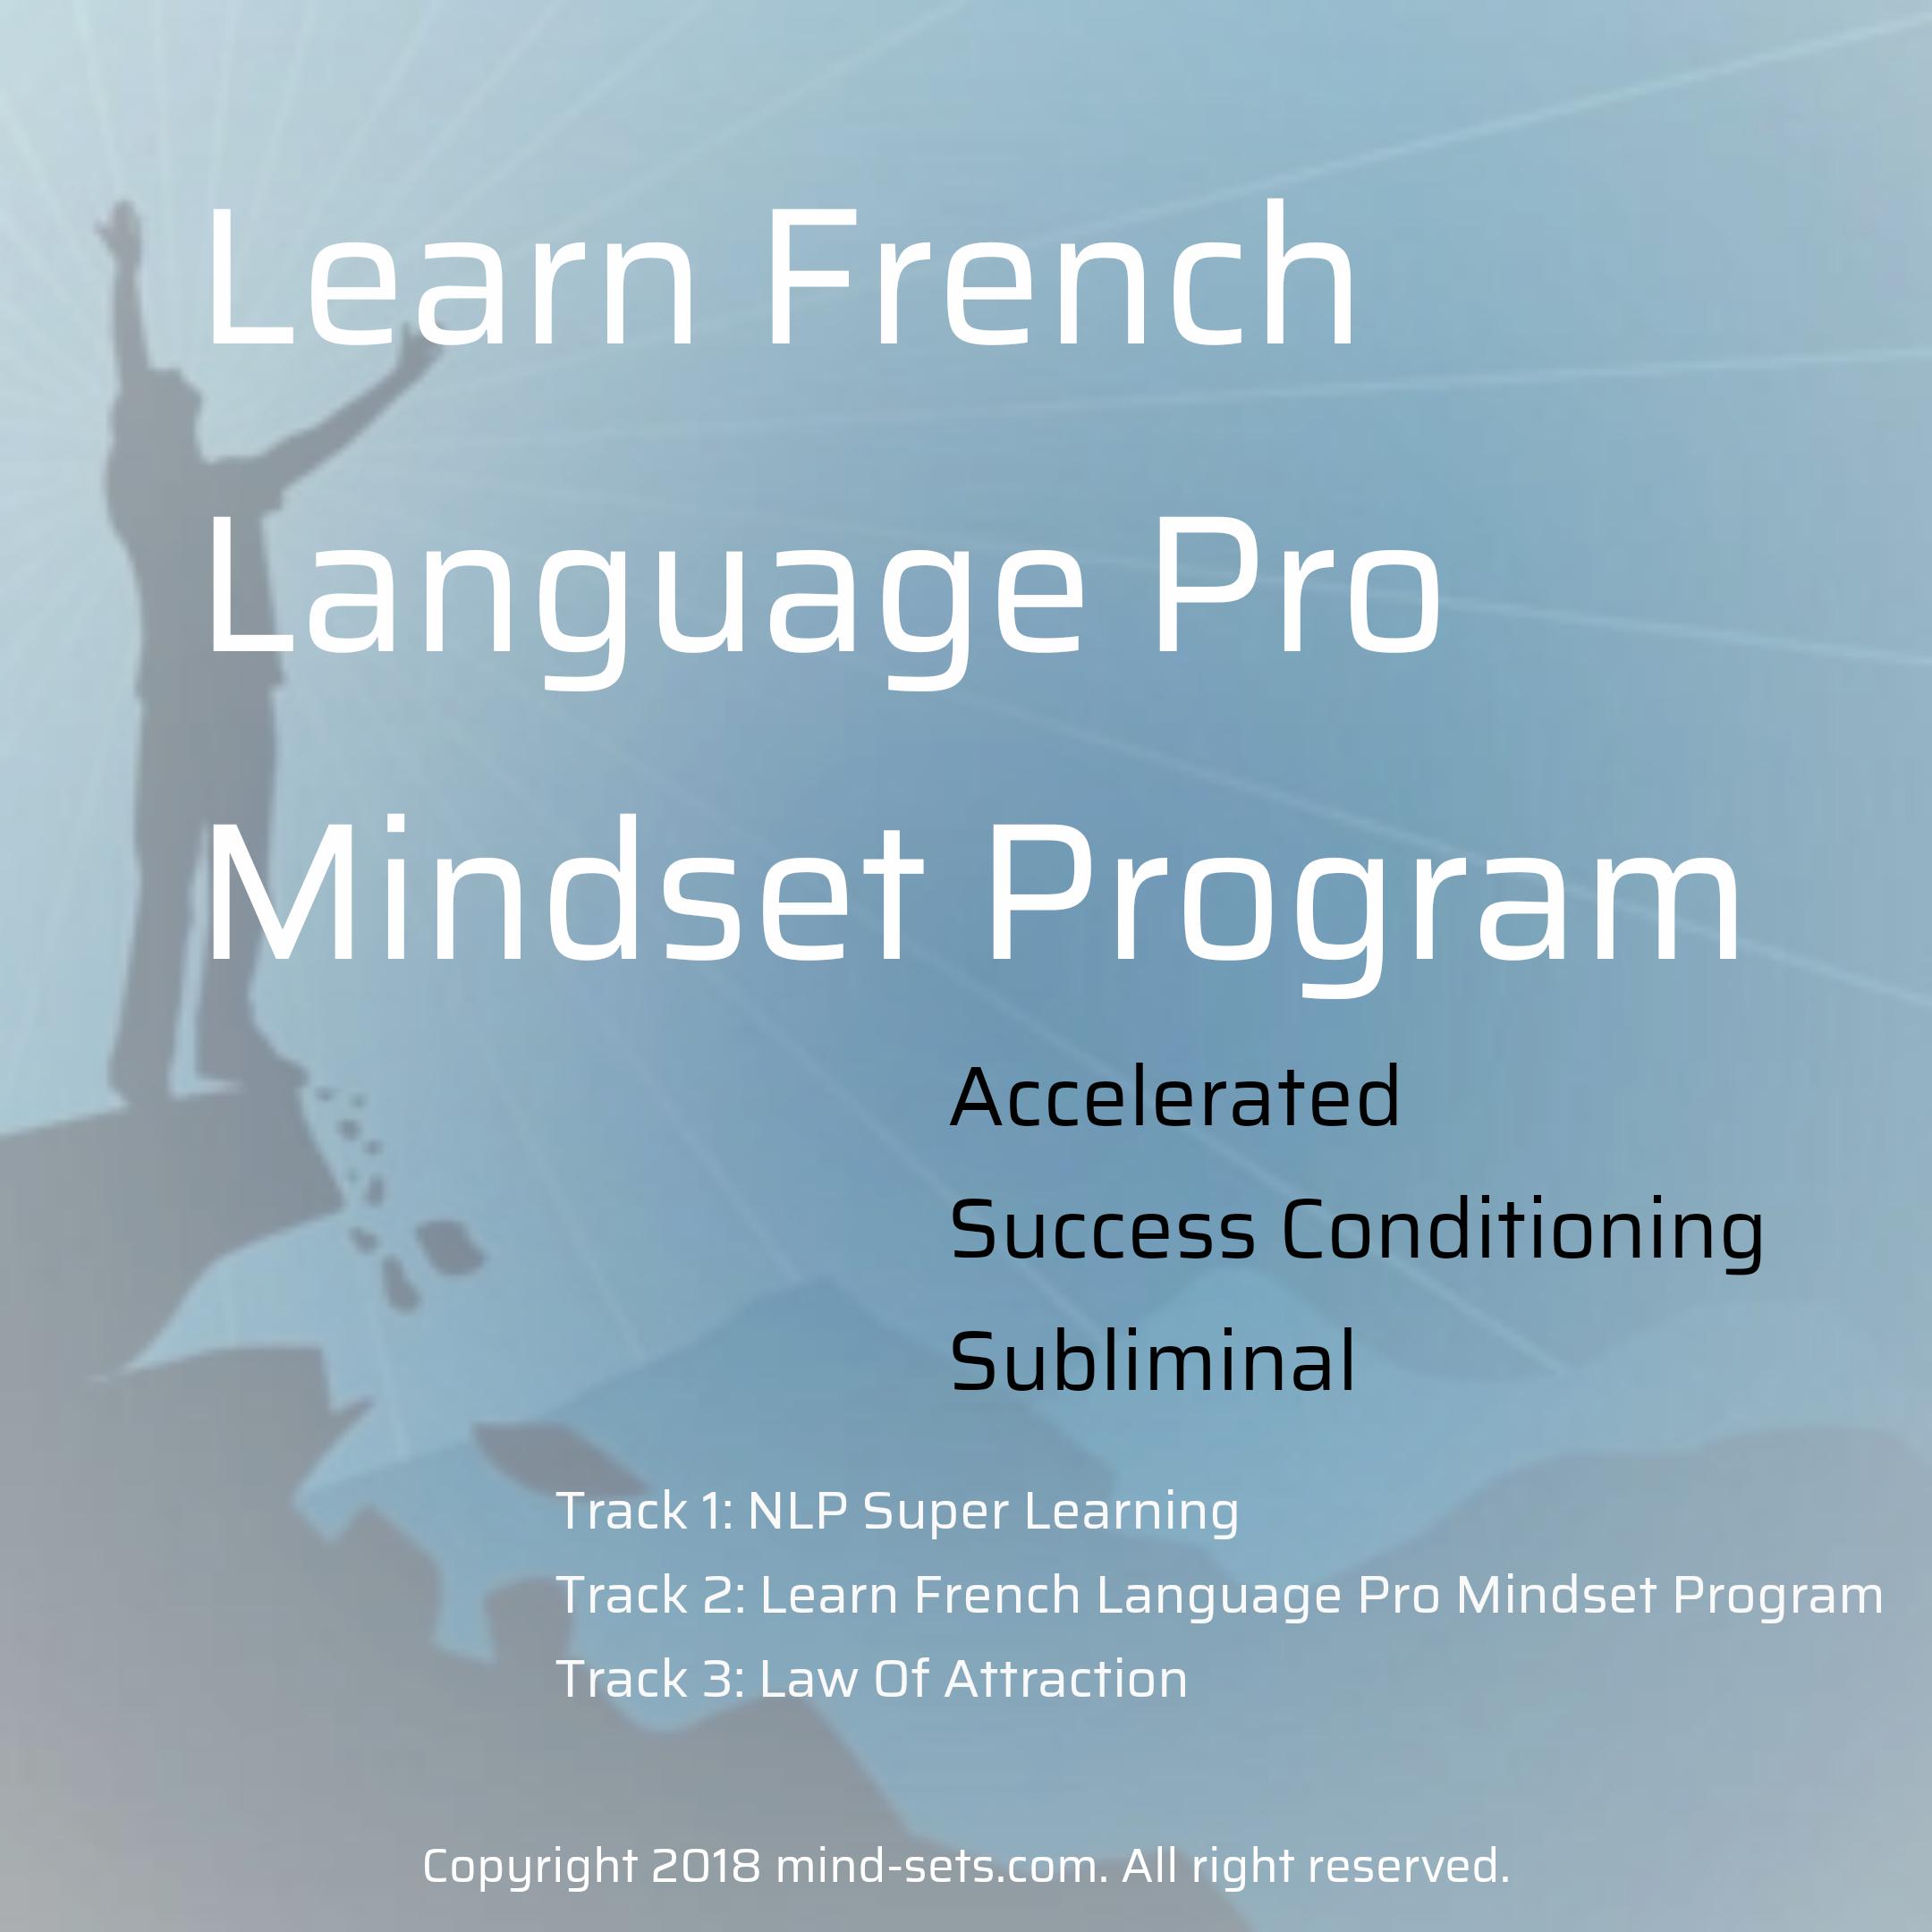 Learn French Language Pro Mindset Program